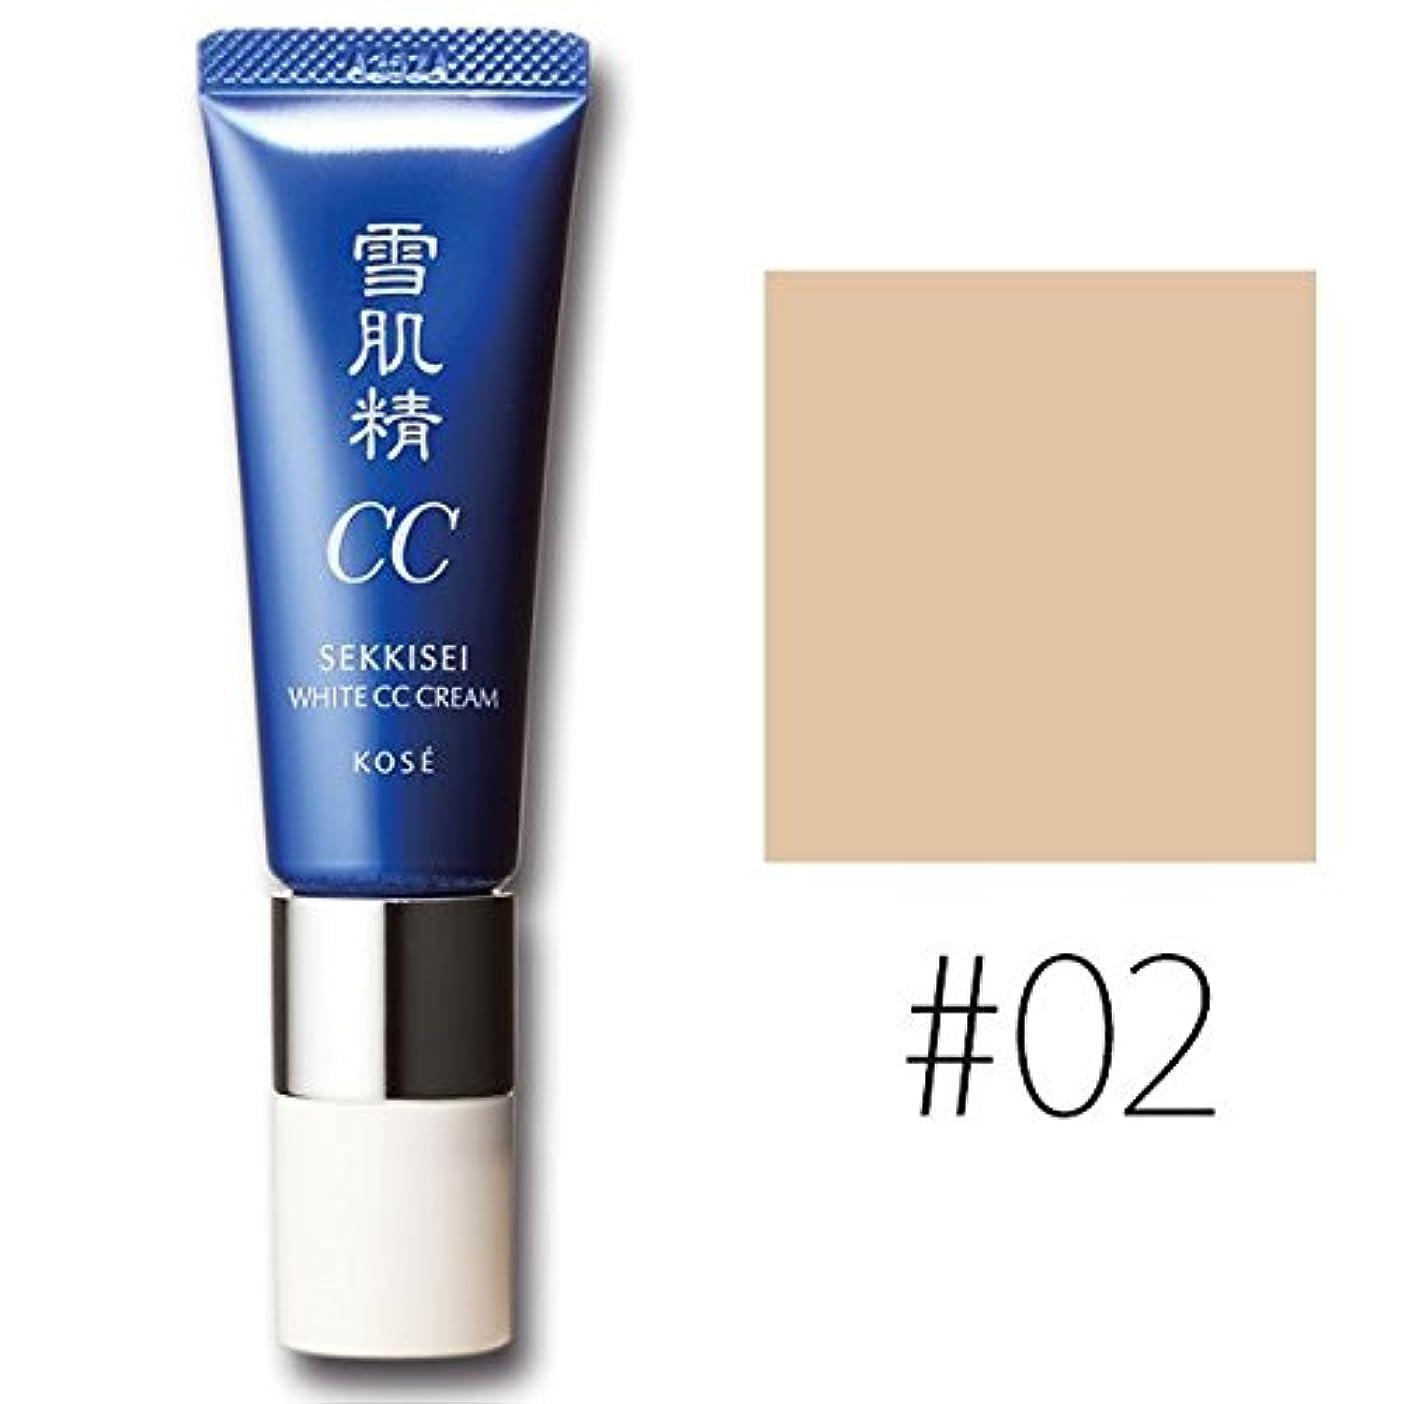 オピエート美容師不信コーセー 雪肌精 ホワイト CCクリーム【#02】 #OCHRE SPF50+/PA++++ 30g